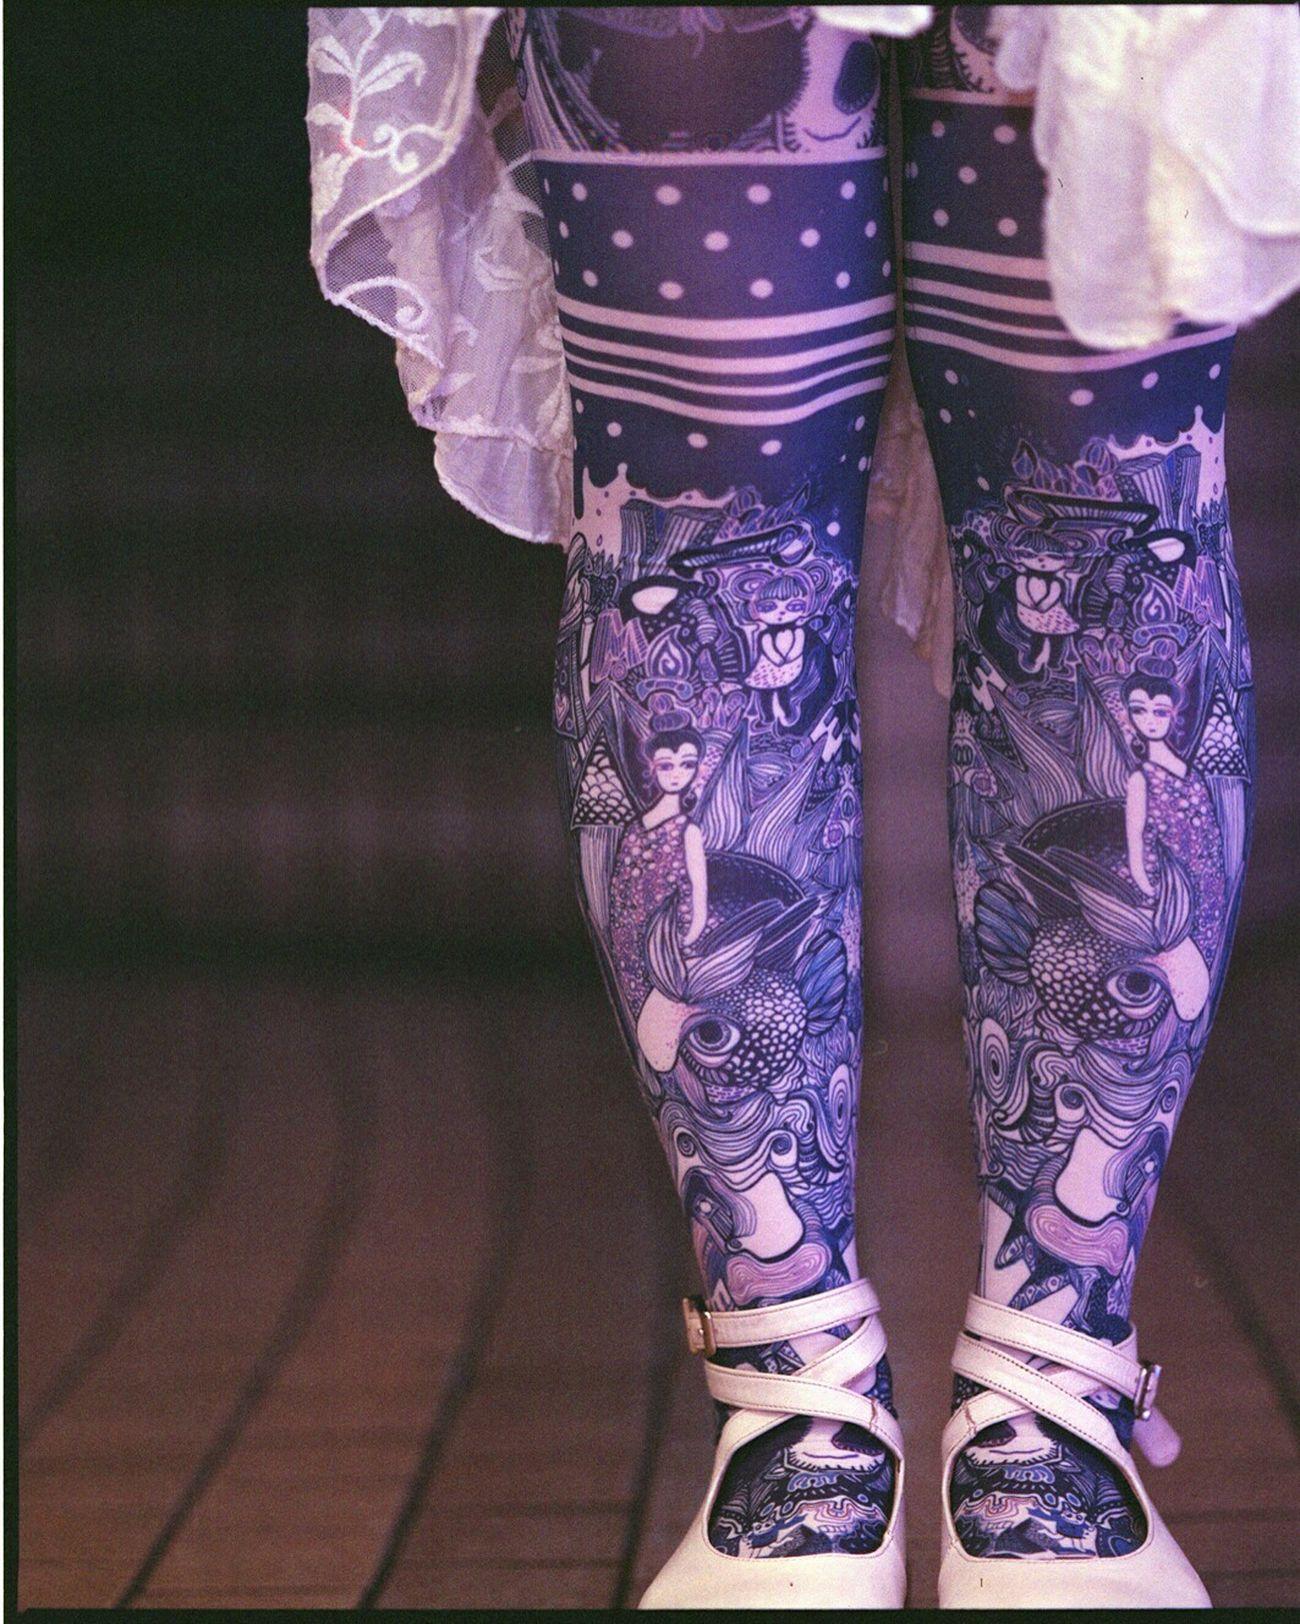 ぽこあぽこスタッフスナップ http://bit.ly/25bRsu2 #ぽこあぽこ #タイツ #tights #shibuya109